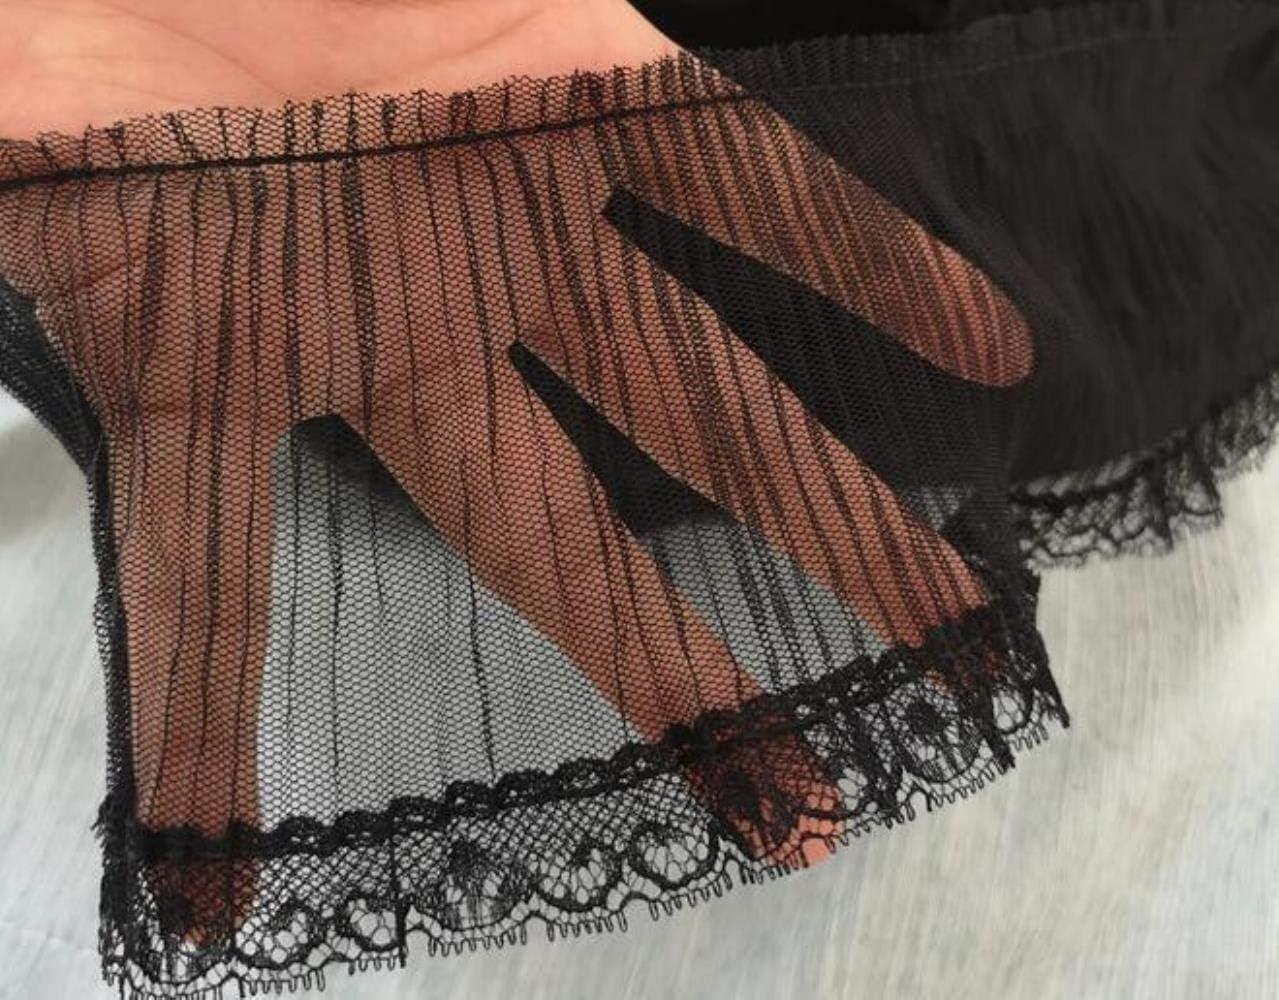 Blanco 9cm de ancho Negro Blanco Organza Plisado Chif/ón Encaje Encaje de lujo Collar Tela DIY Artesan/ías Costura Para vestido de prendas de vestir Guipure